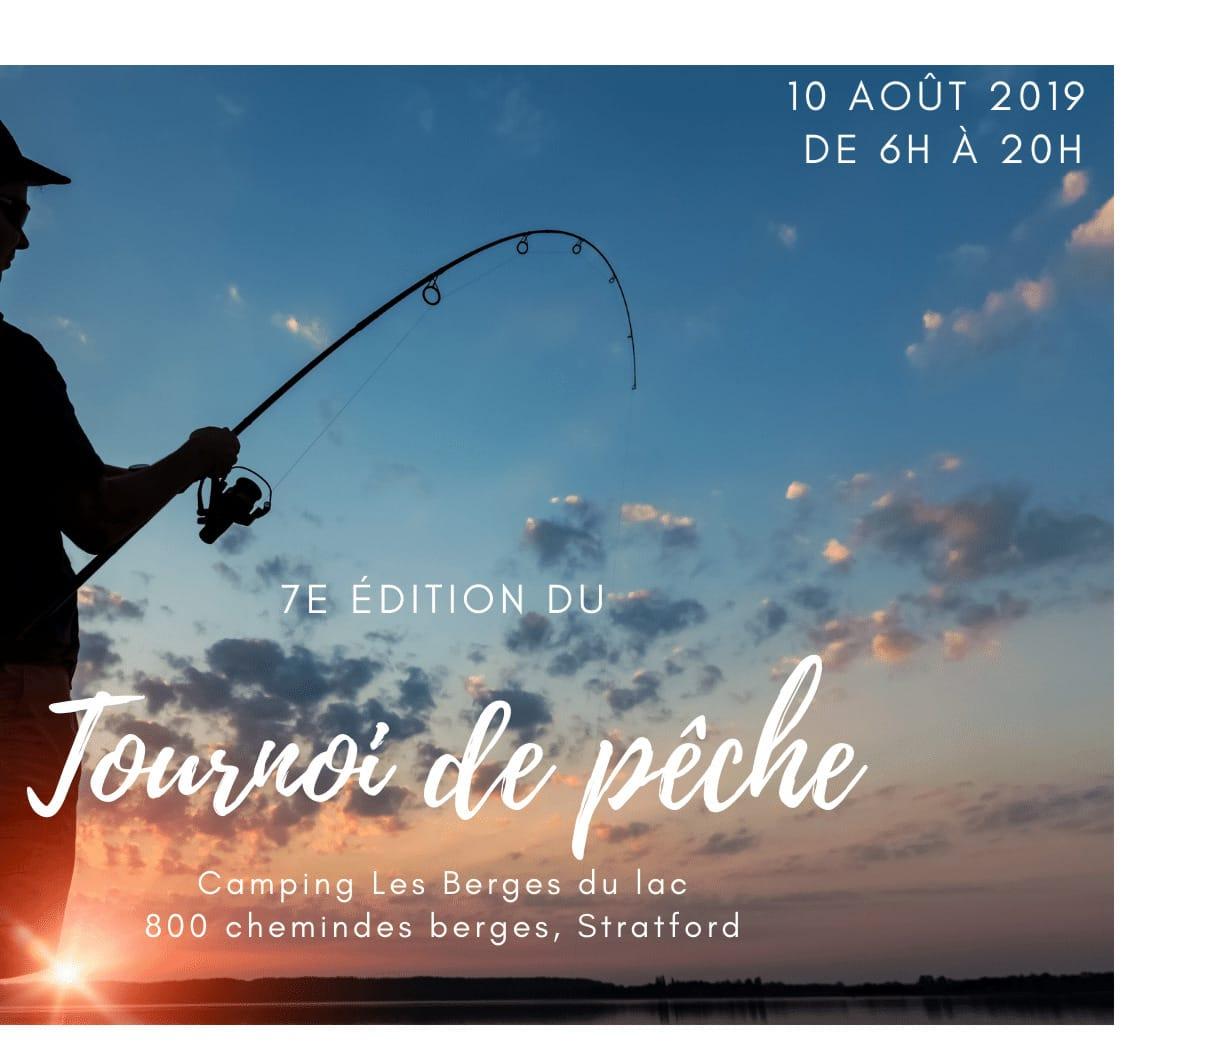 Tournoi de pêche aux Berges du Lac - 7e édition